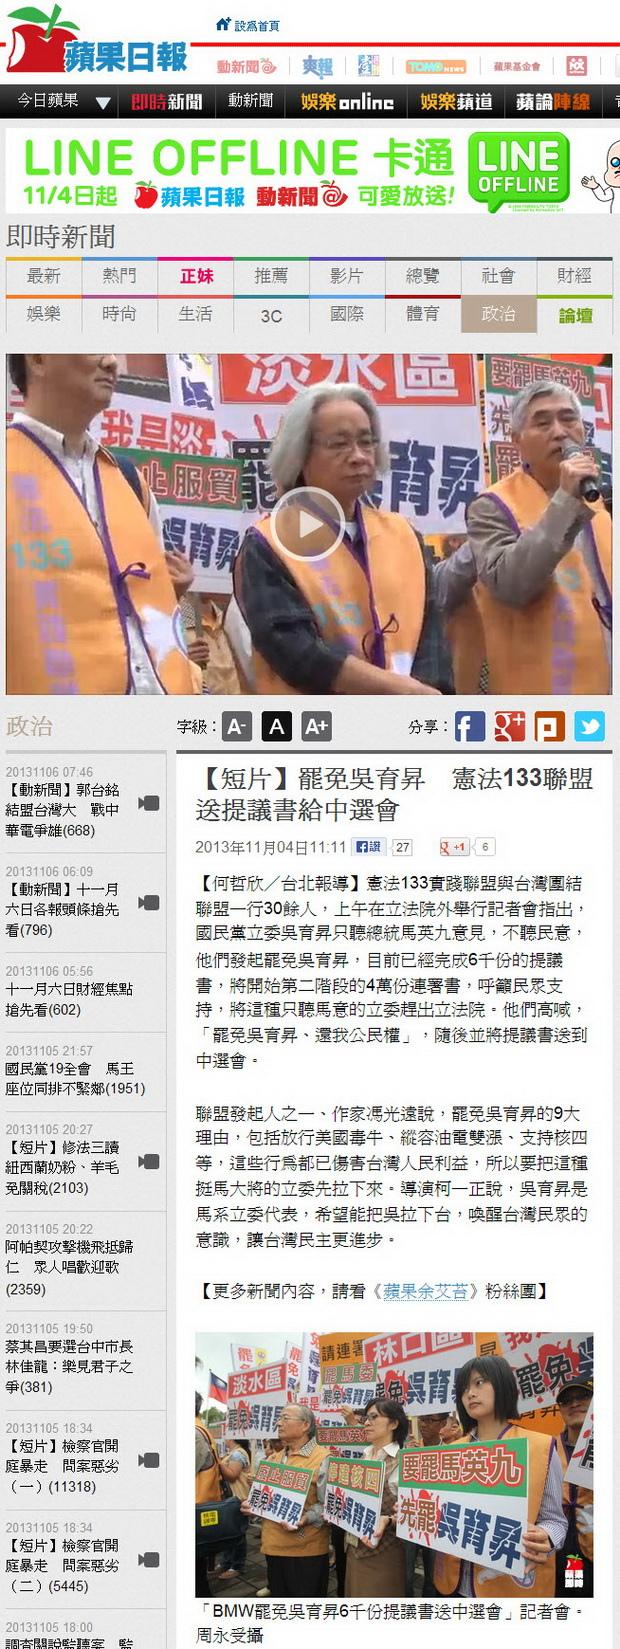 罷免吳育昇 憲法133聯盟送提議書給中選會-2013.11.04.jpg